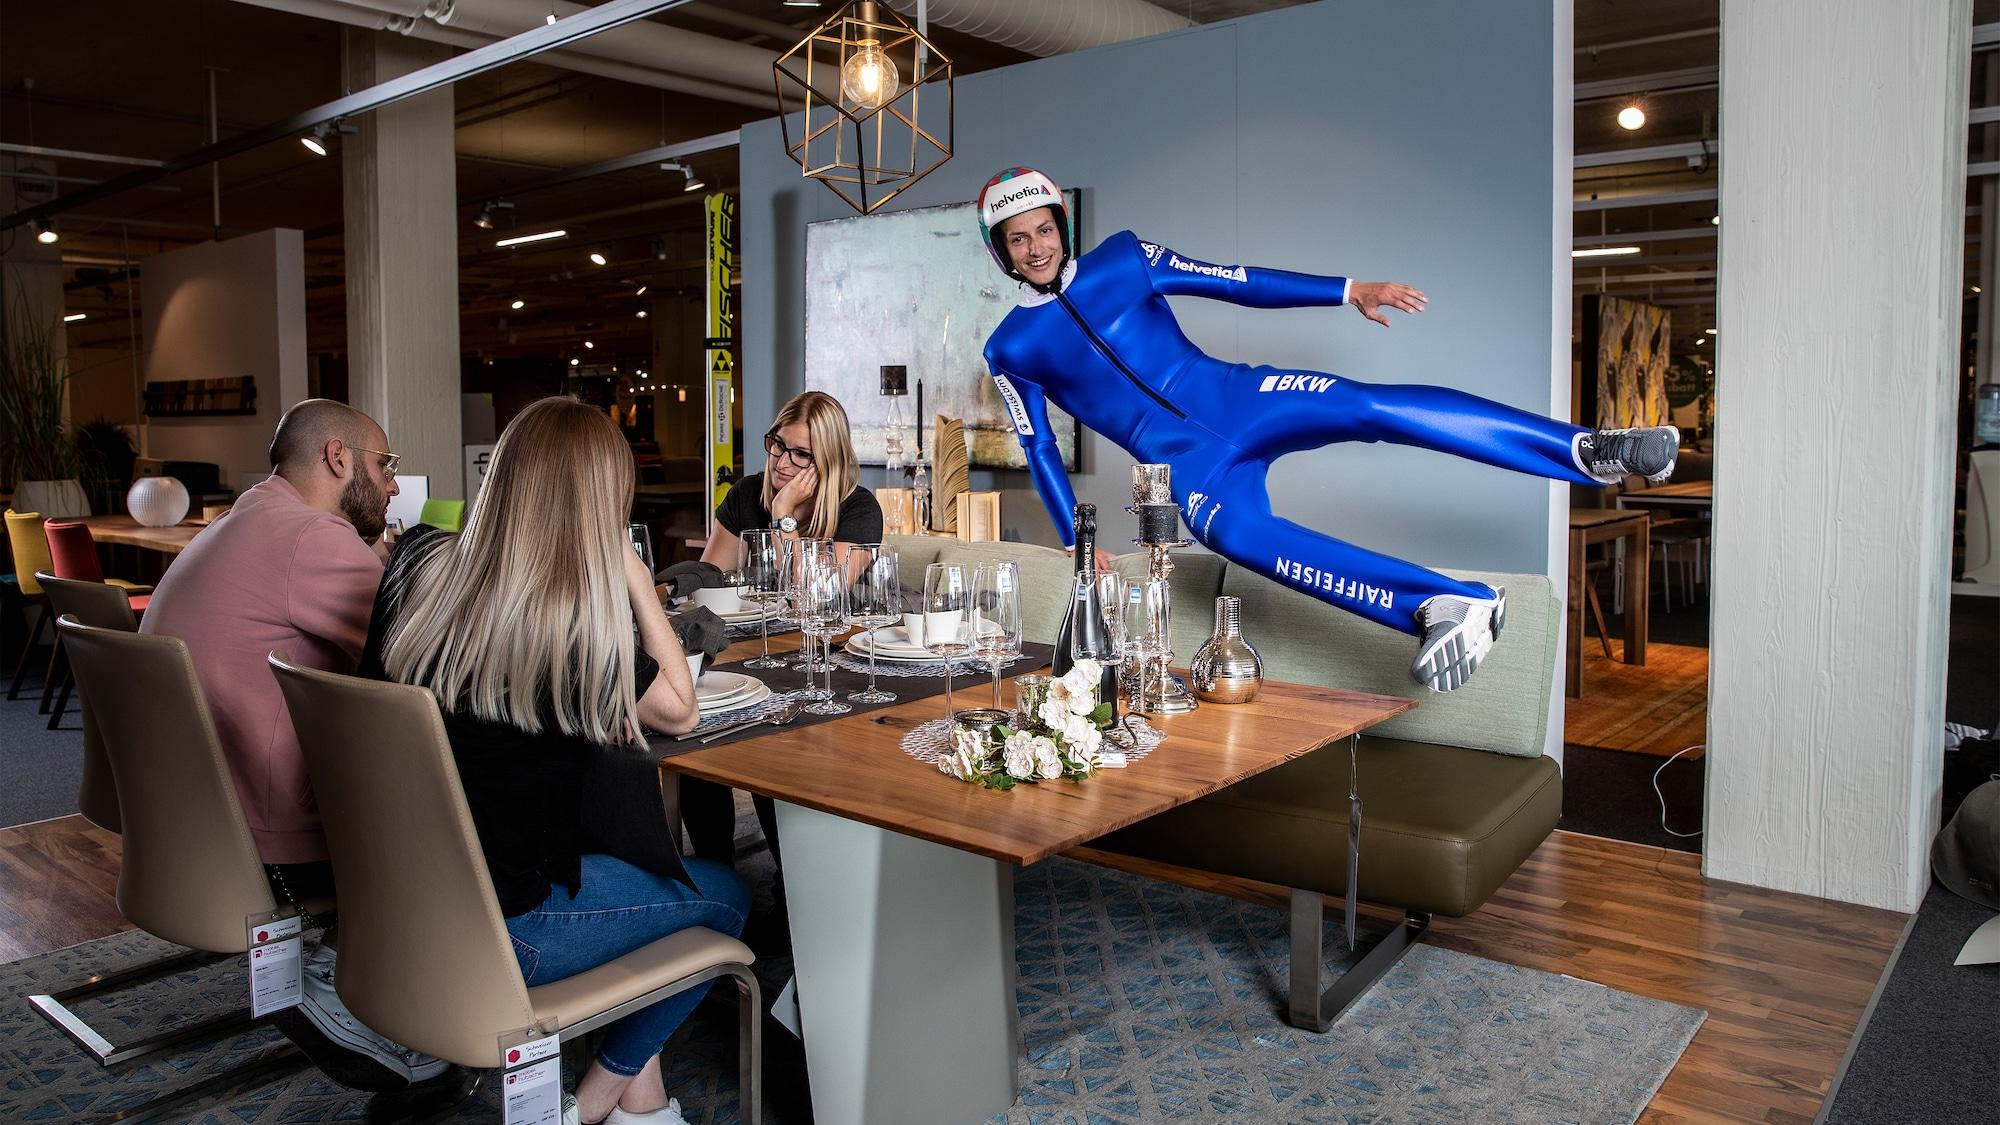 Sportfloskeln im wahren Leben: Skispringer Deschwanden ist zu spät am Tisch